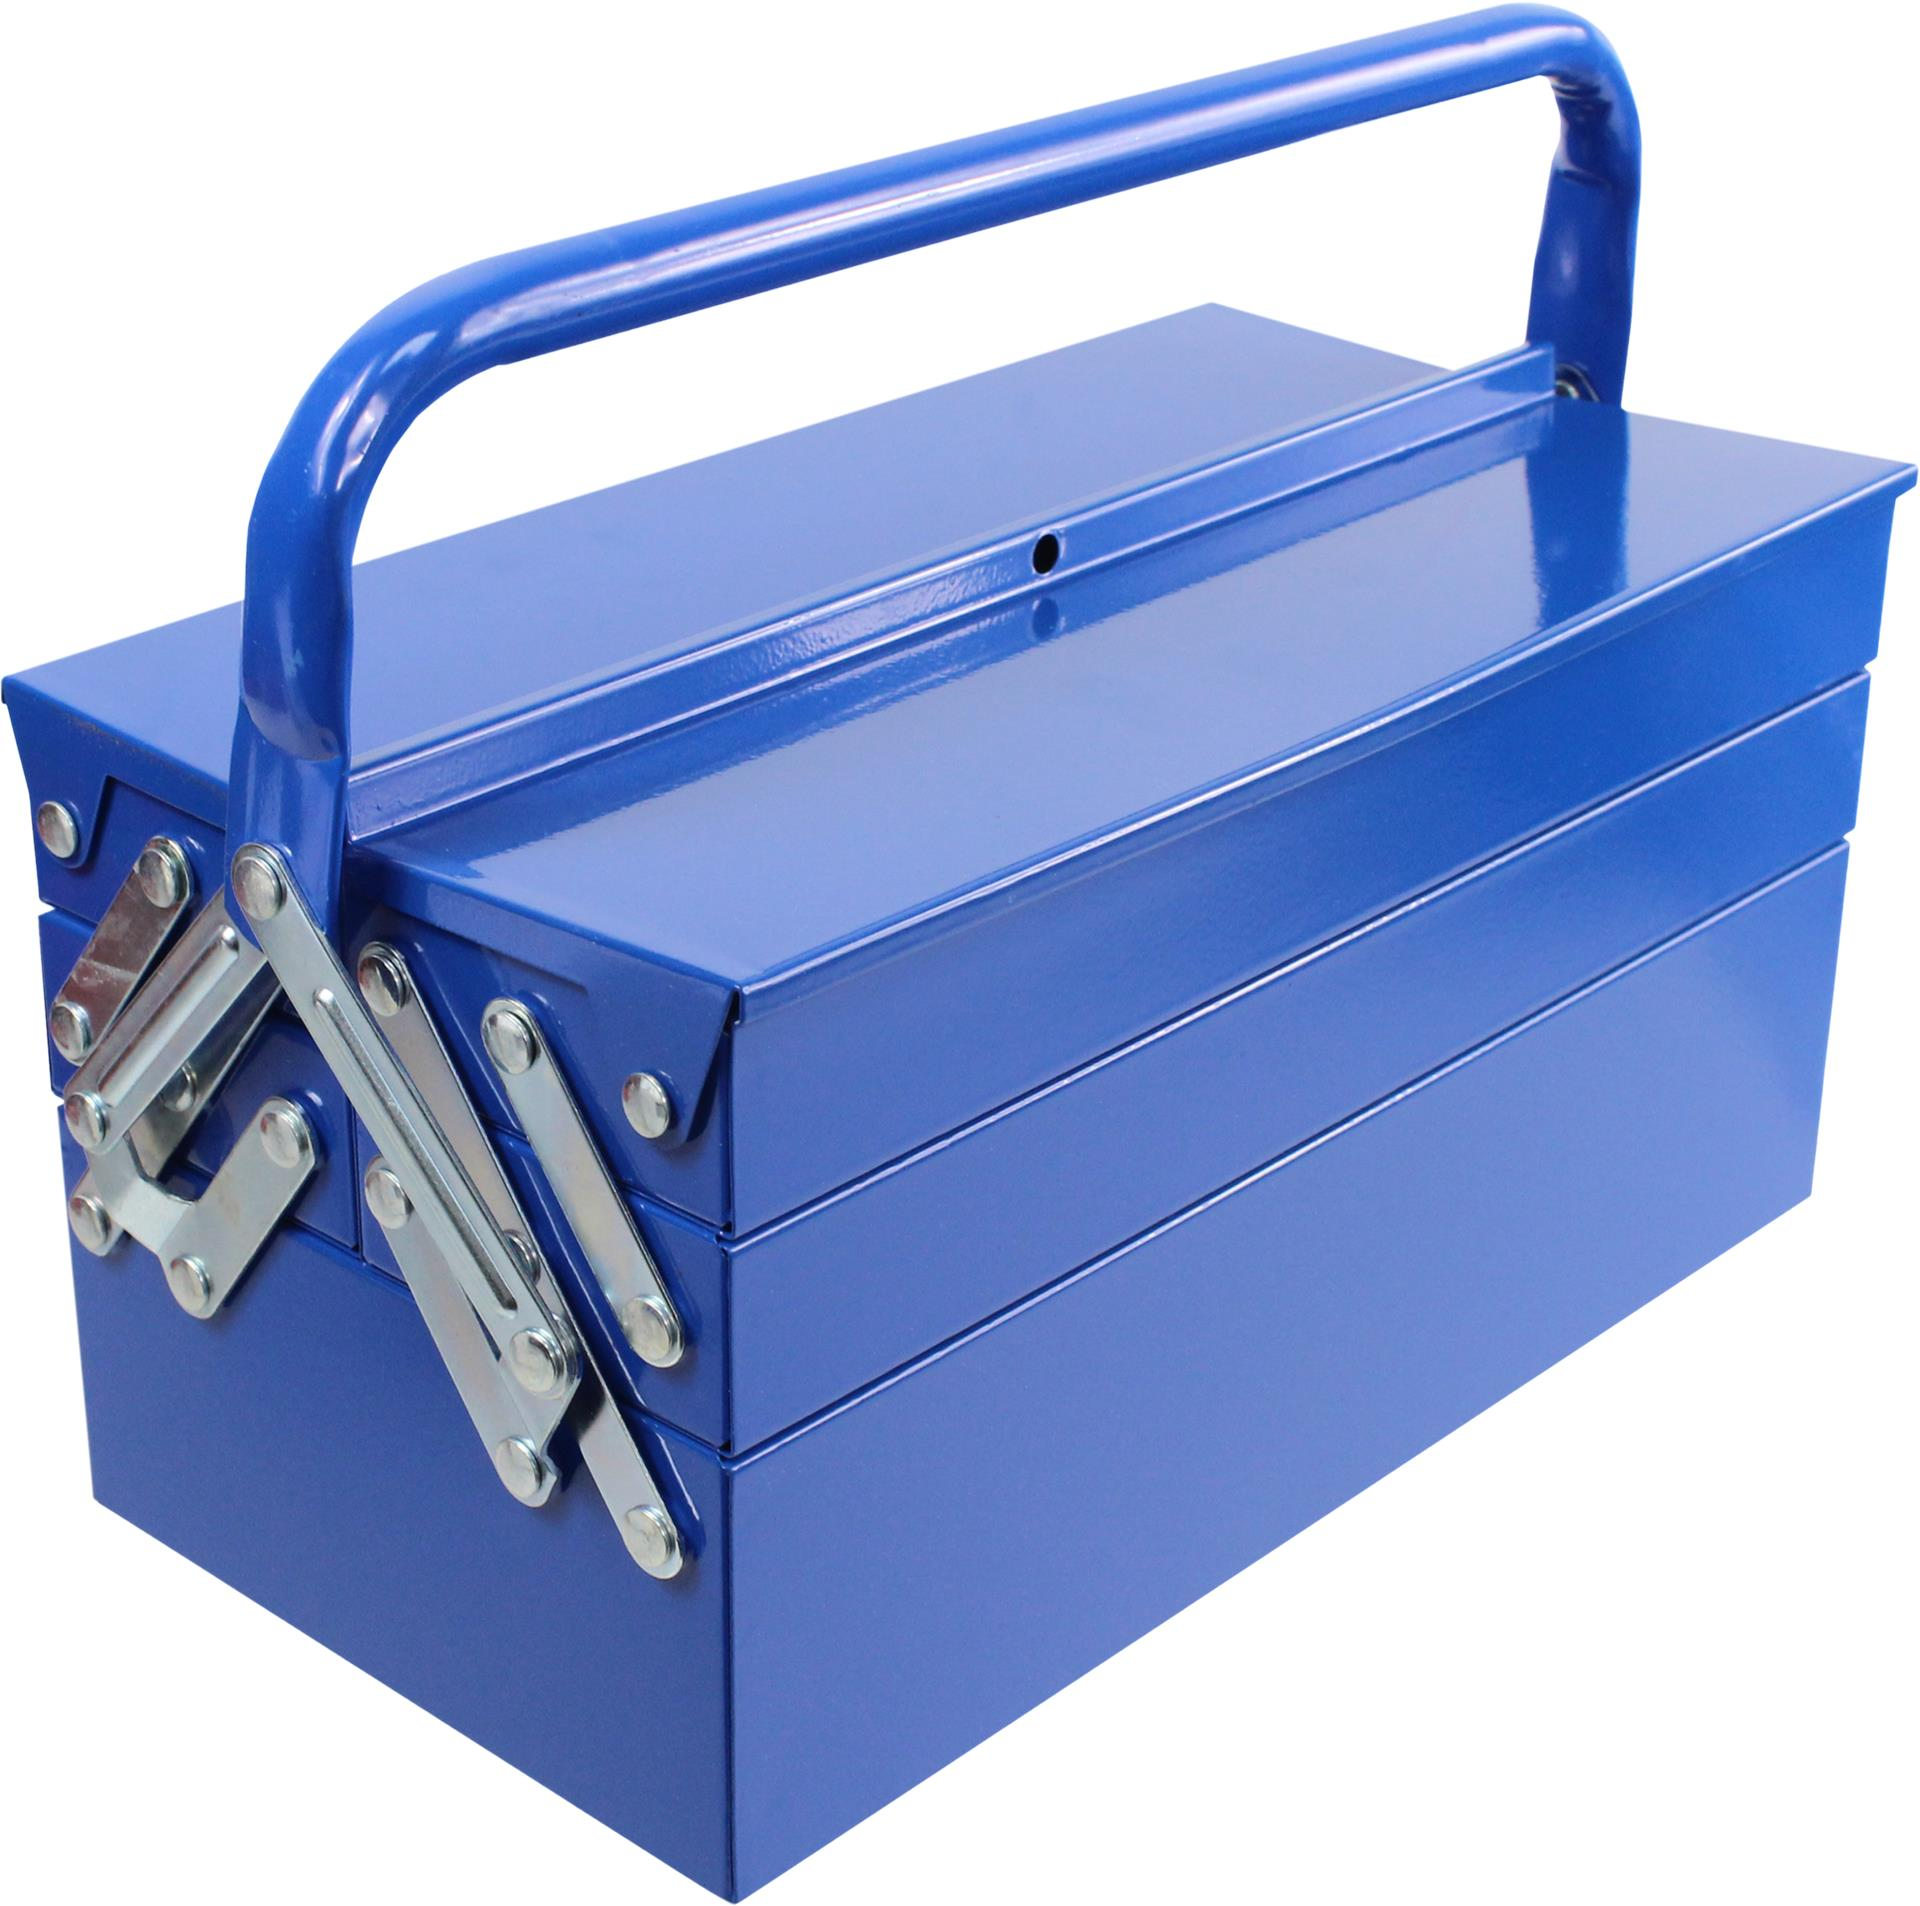 MADEIRA - Caixa de ferramentas MADER METÁLICA 310X160X155